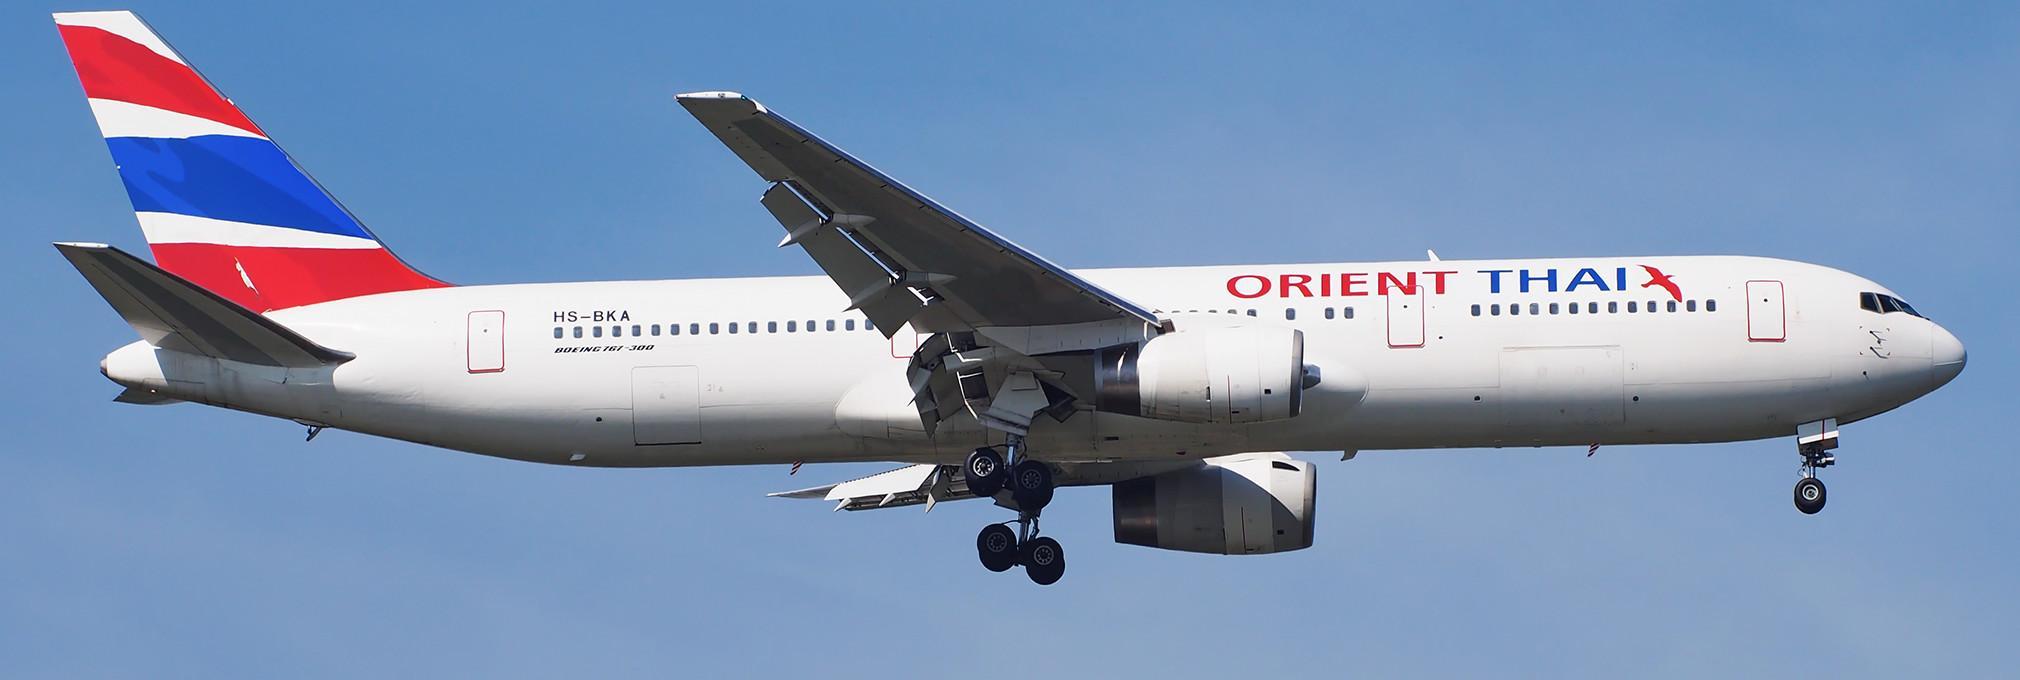 Orient Thai Airlines 21